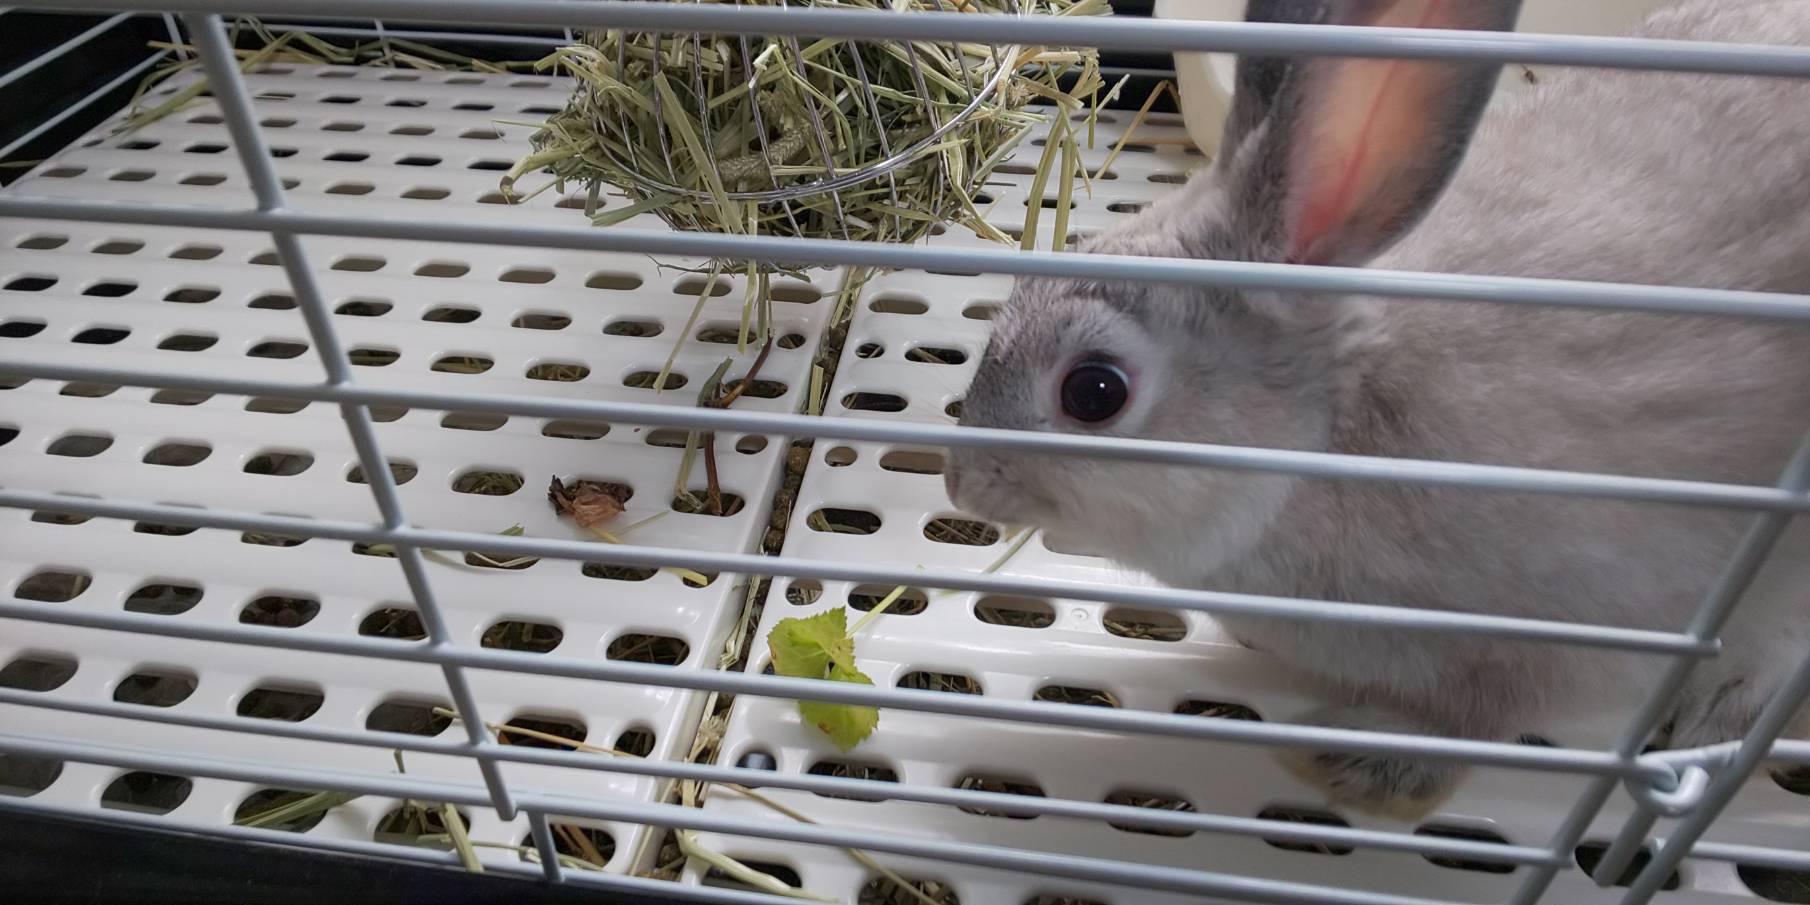 【ミニウサギ】三つ葉を食べたら、目を真ん丸にさせたんだけど。